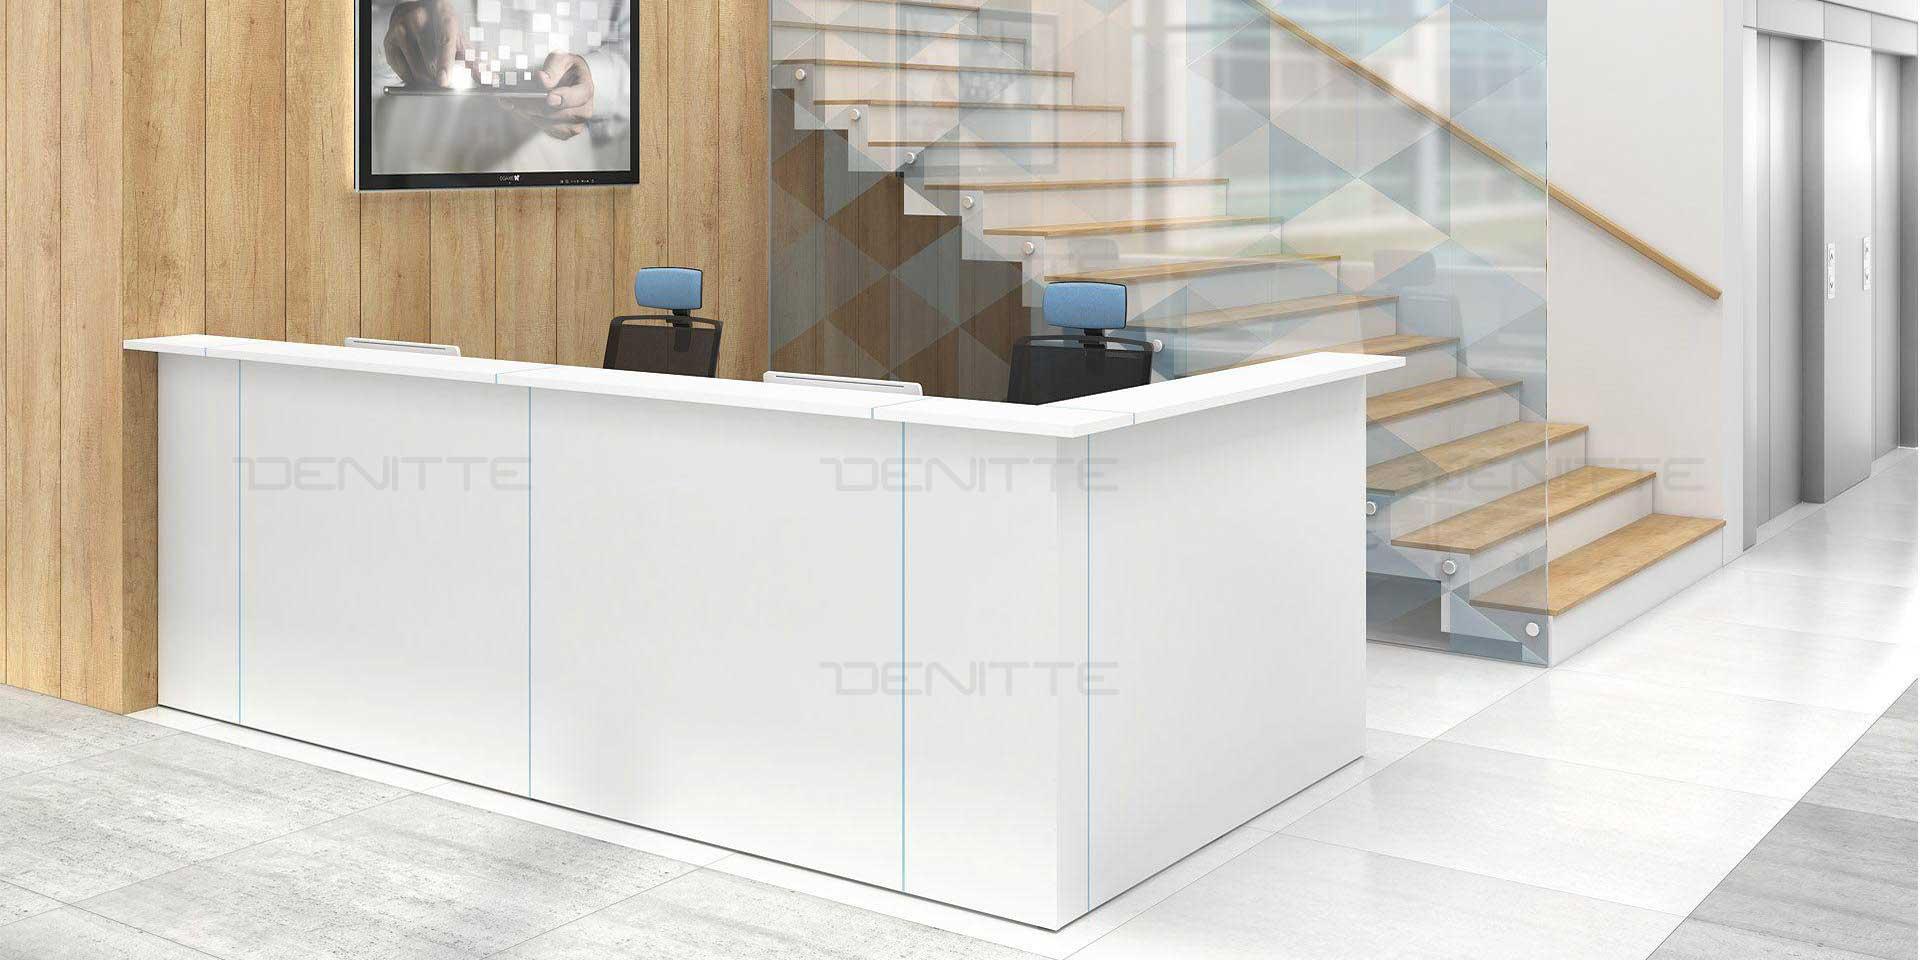 میز های پذیرش دنیته